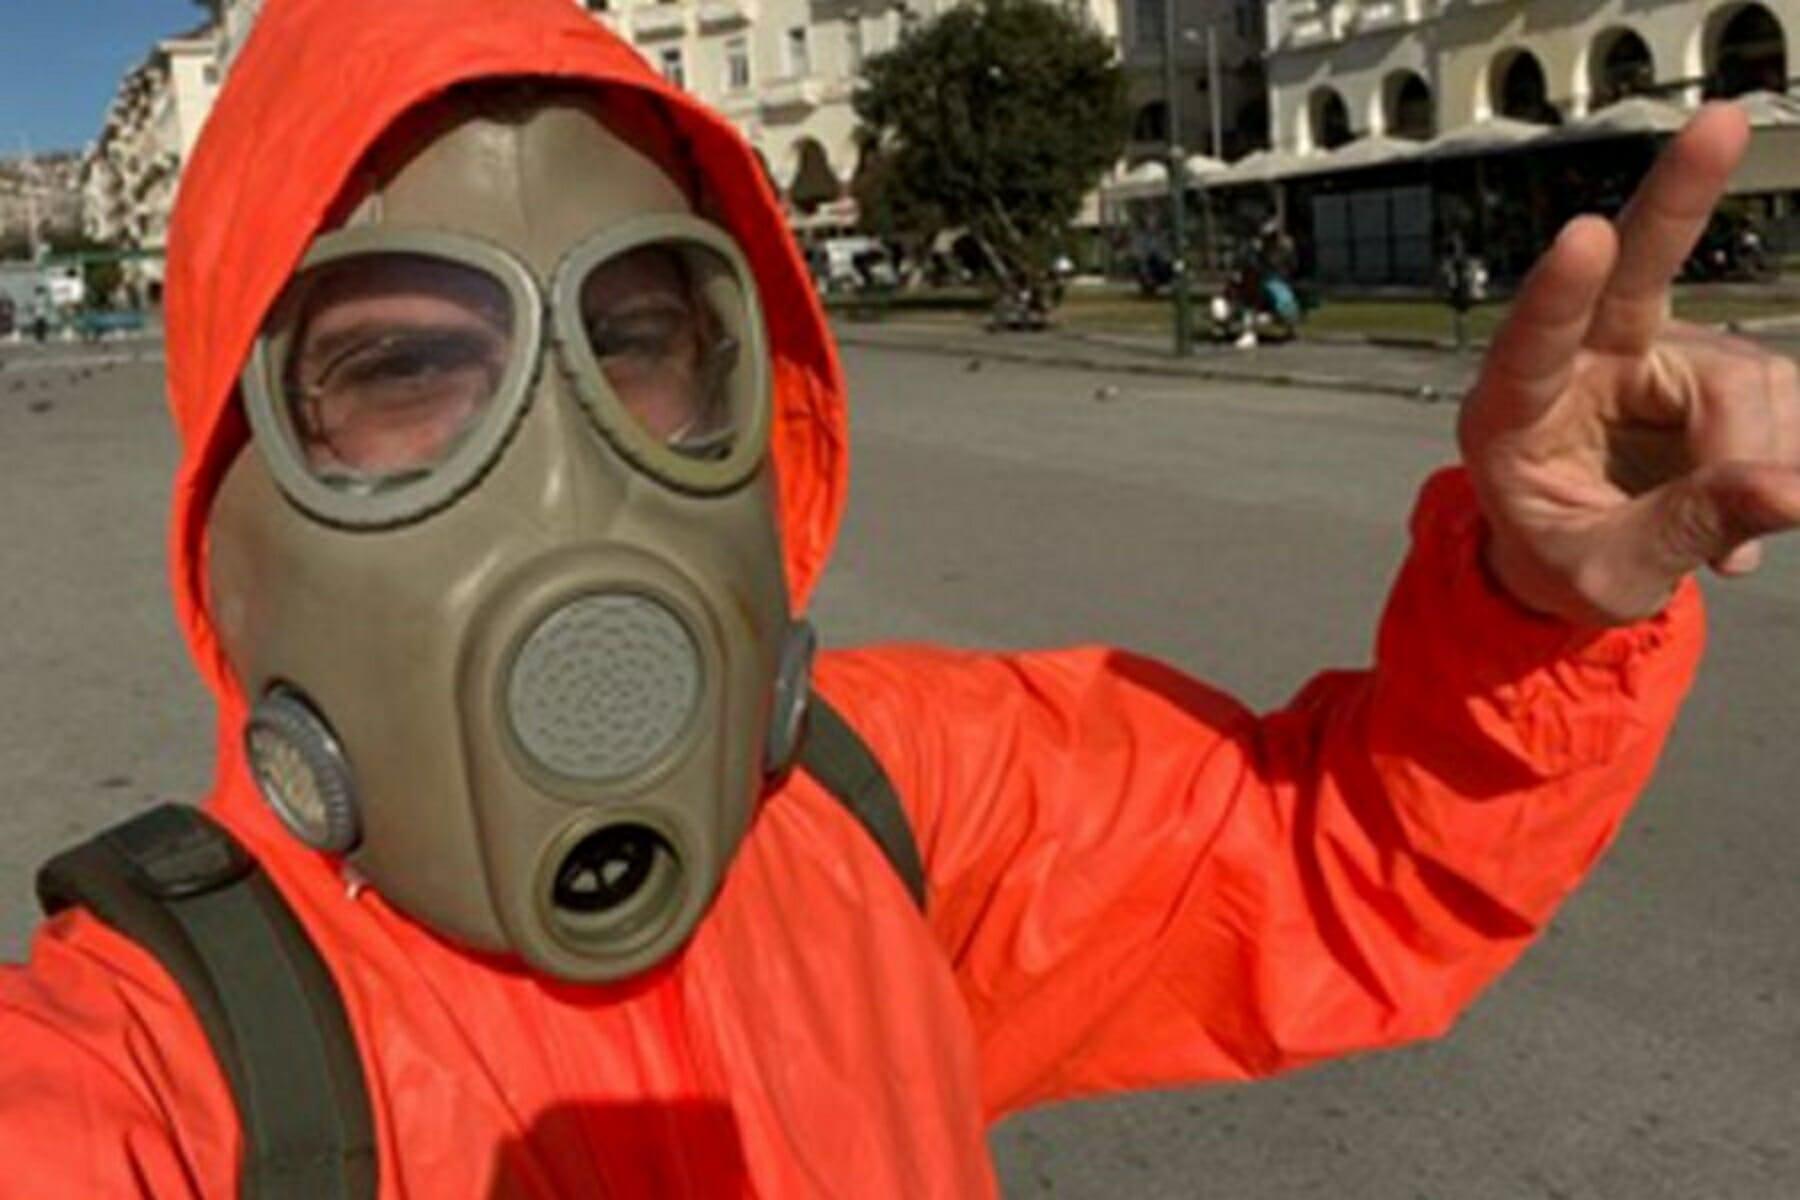 Θεσσαλονίκη: Πήγε για καφέ με φόρμα χημικής προστασίας… λόγω κορονοϊού! video